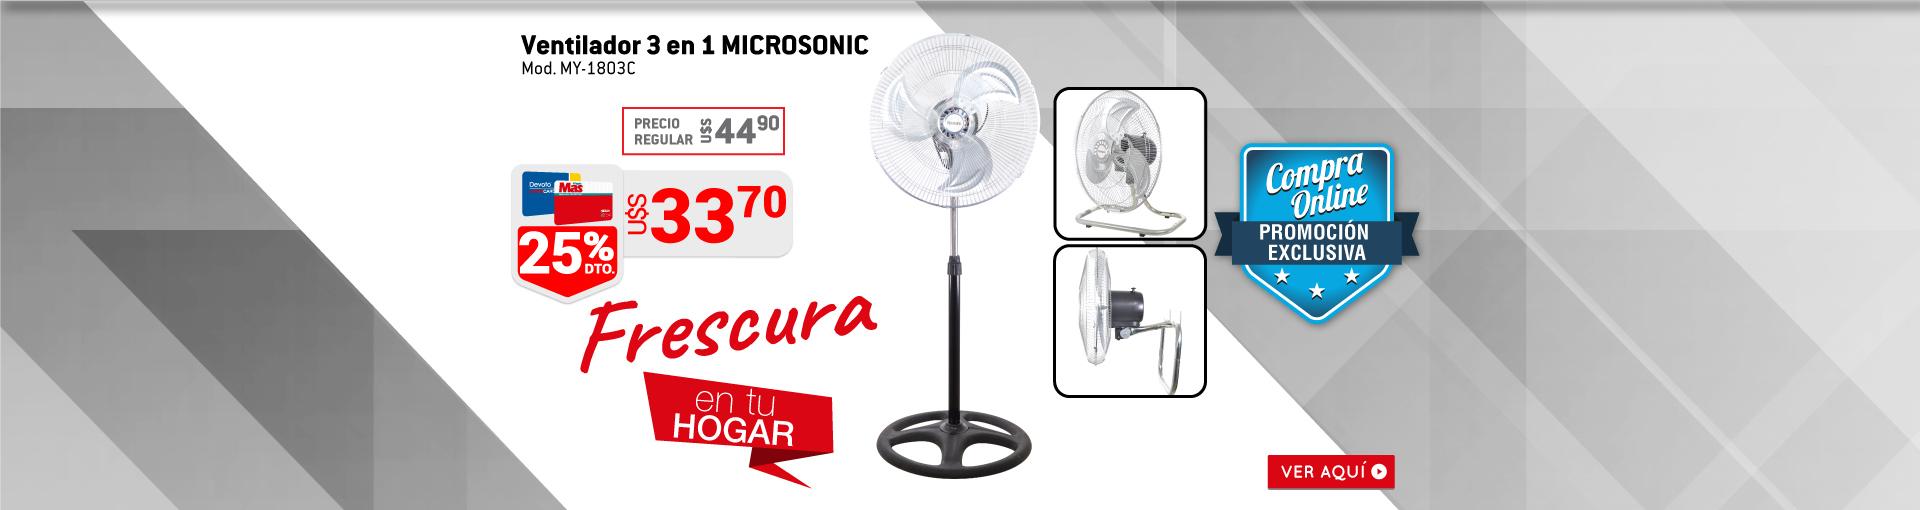 h-03-712762-ventilador-3-en-1